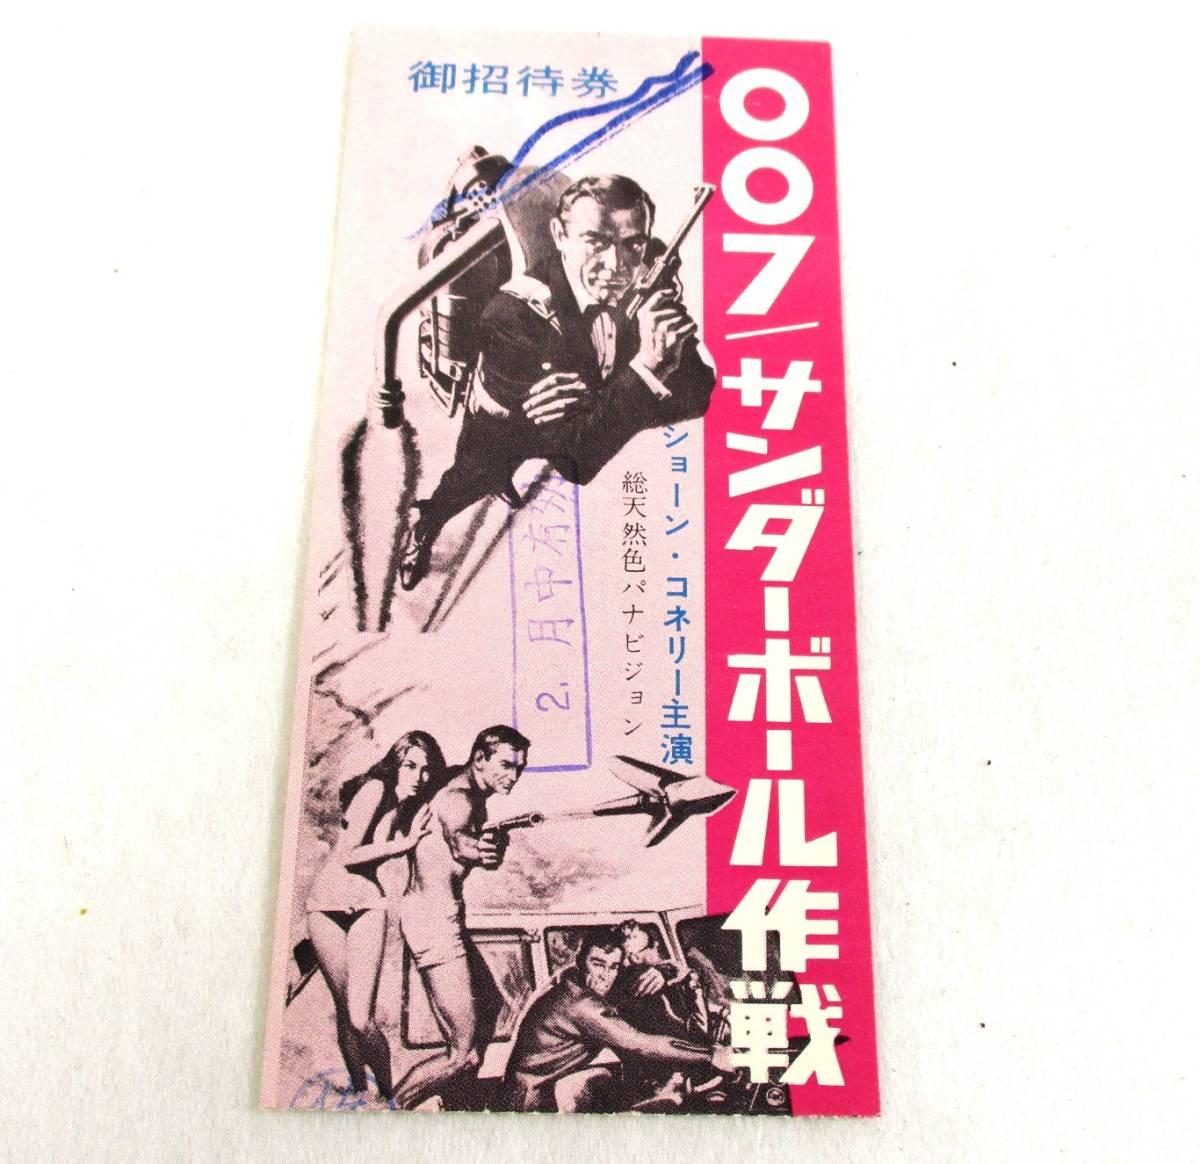 映画半券「007/サンダーボール作戦」1965年/S・コネリー 希少 レア